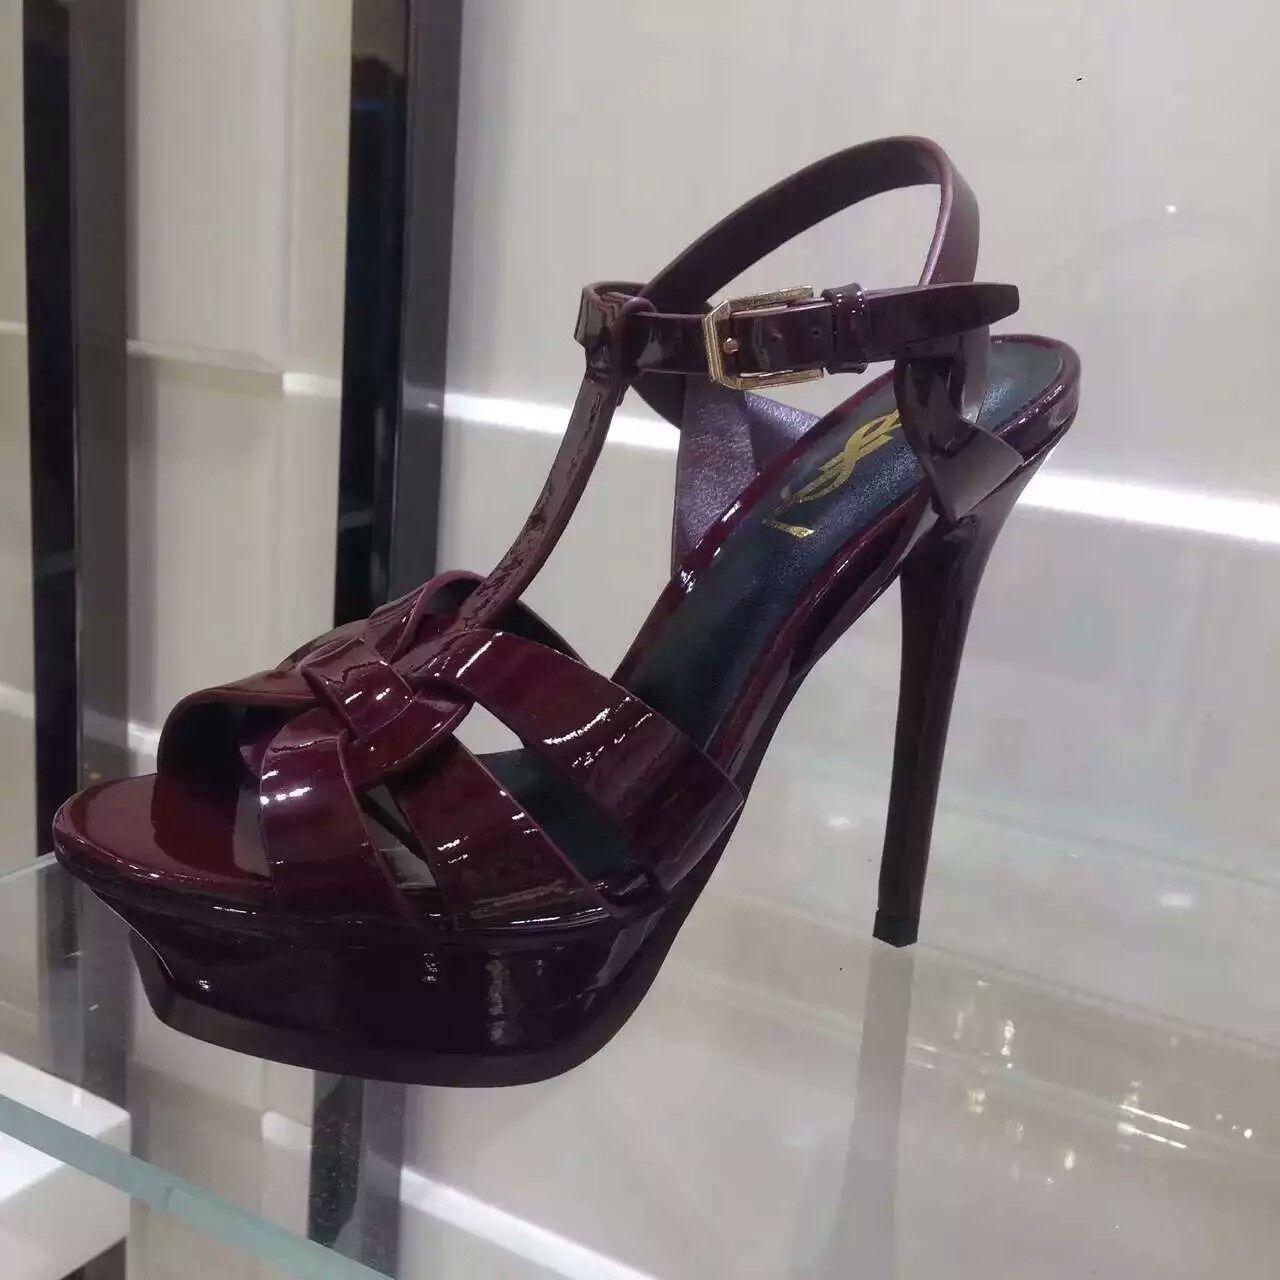 Ysl sandals shoes - 2016 Saint Laurent Shoes Cheap Sale Saint Laurent Jodie 105 Strappy Sandal In Bordeaux Patent